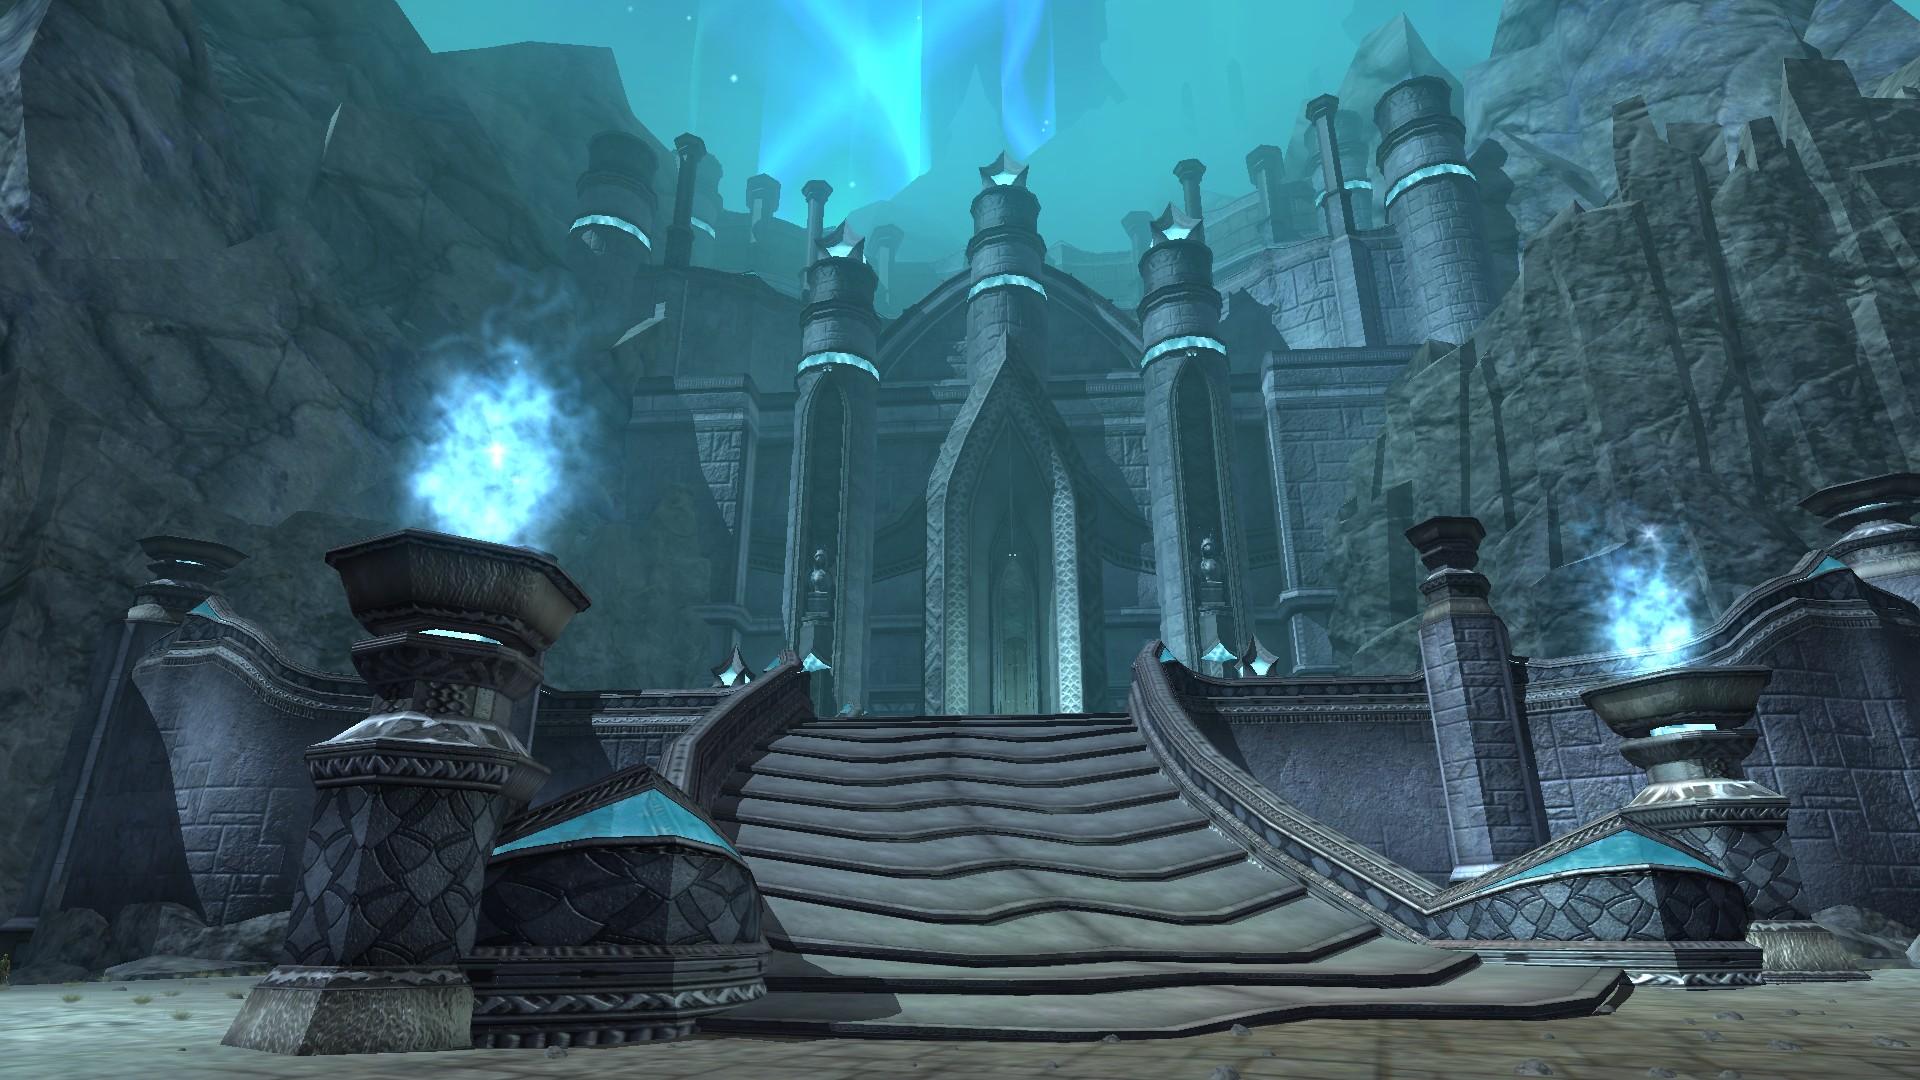 Harrow's End: The Deathtoll Tower